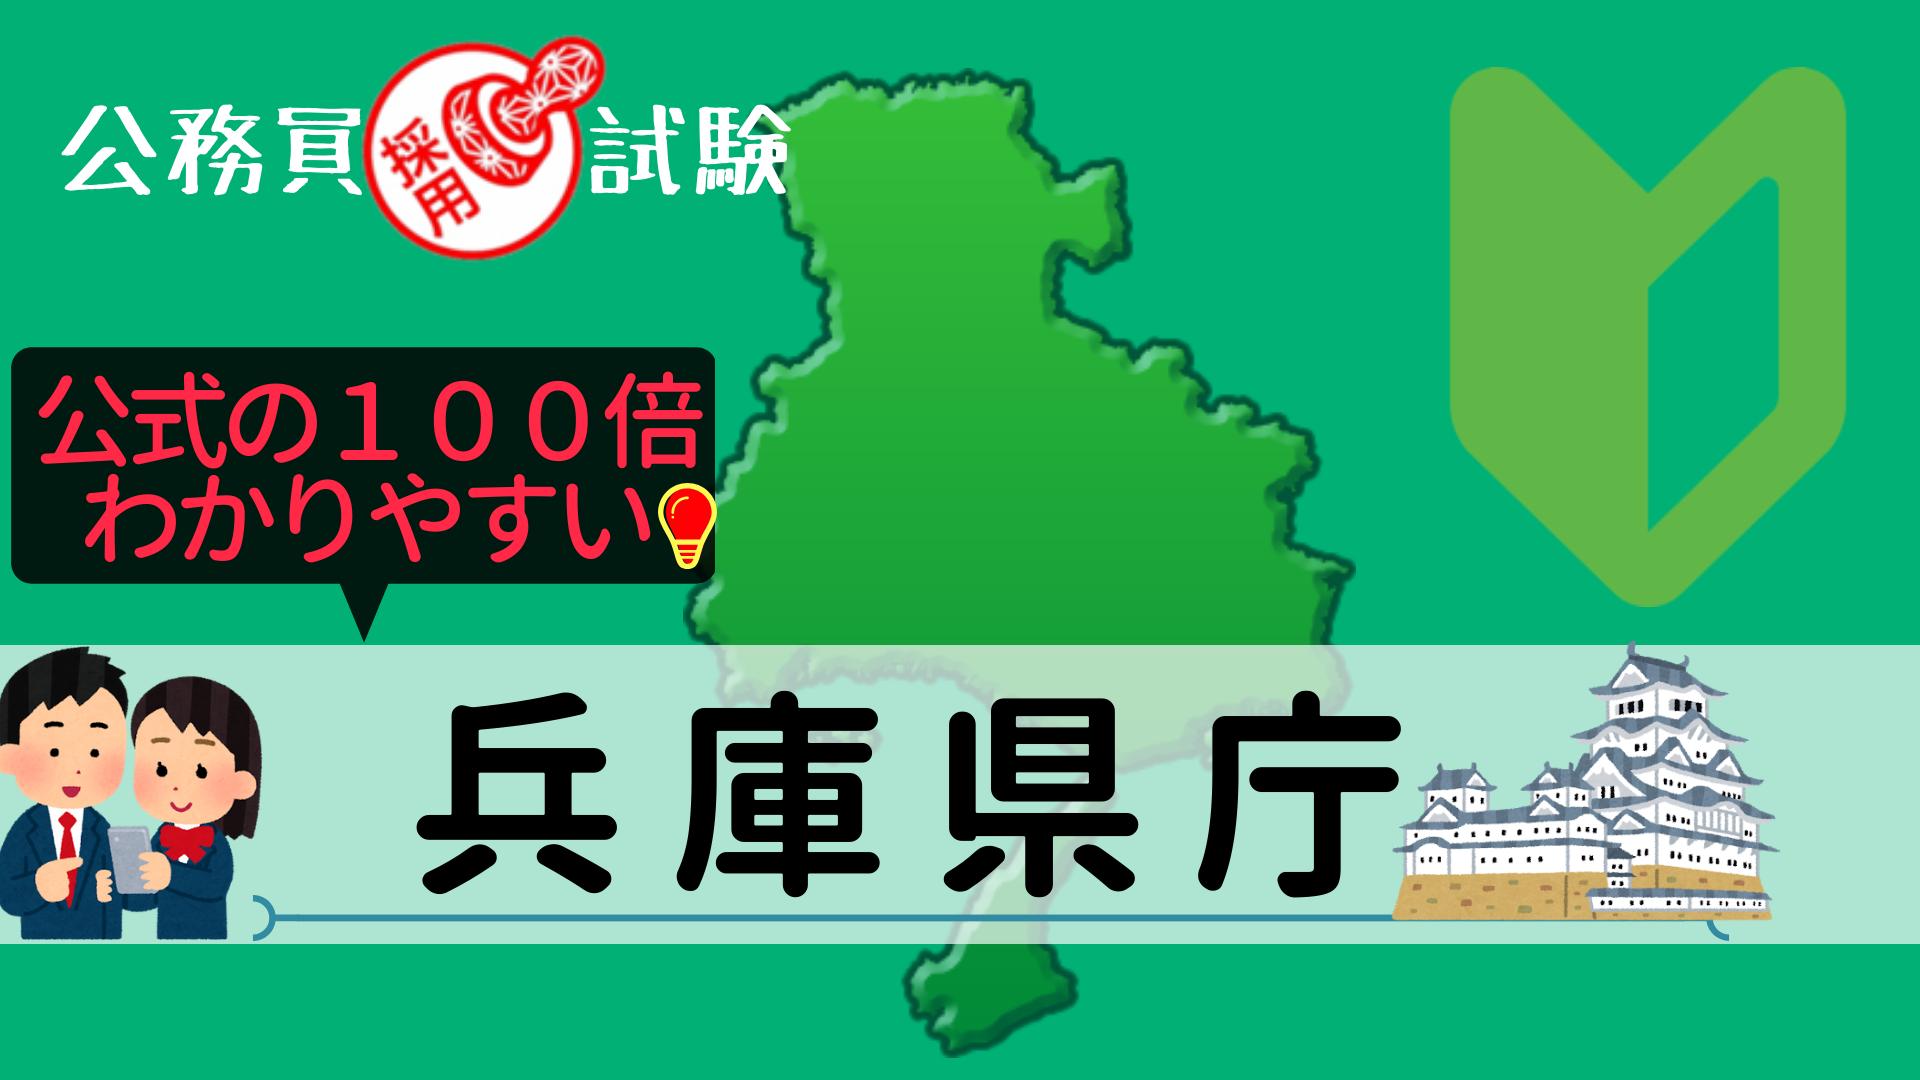 兵庫県庁の公務員採用試験について